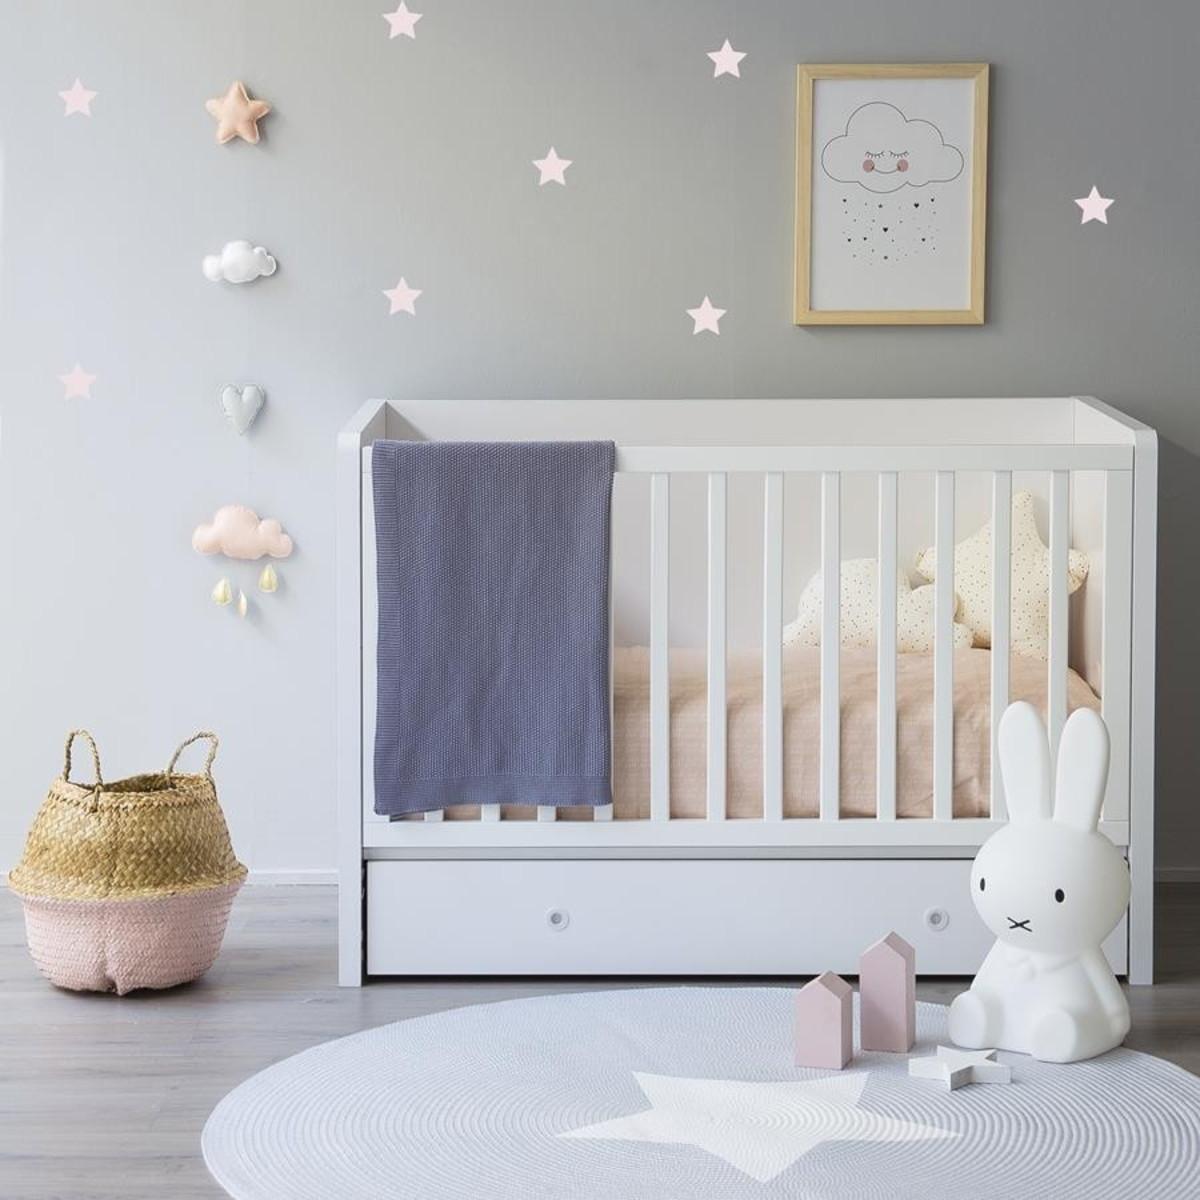 Aparador Gris Decapado ~ Adesivo estrelas rosa beb u00ea no Elo7 Quarto de Criança Lojadecoreacasa (7F368A)